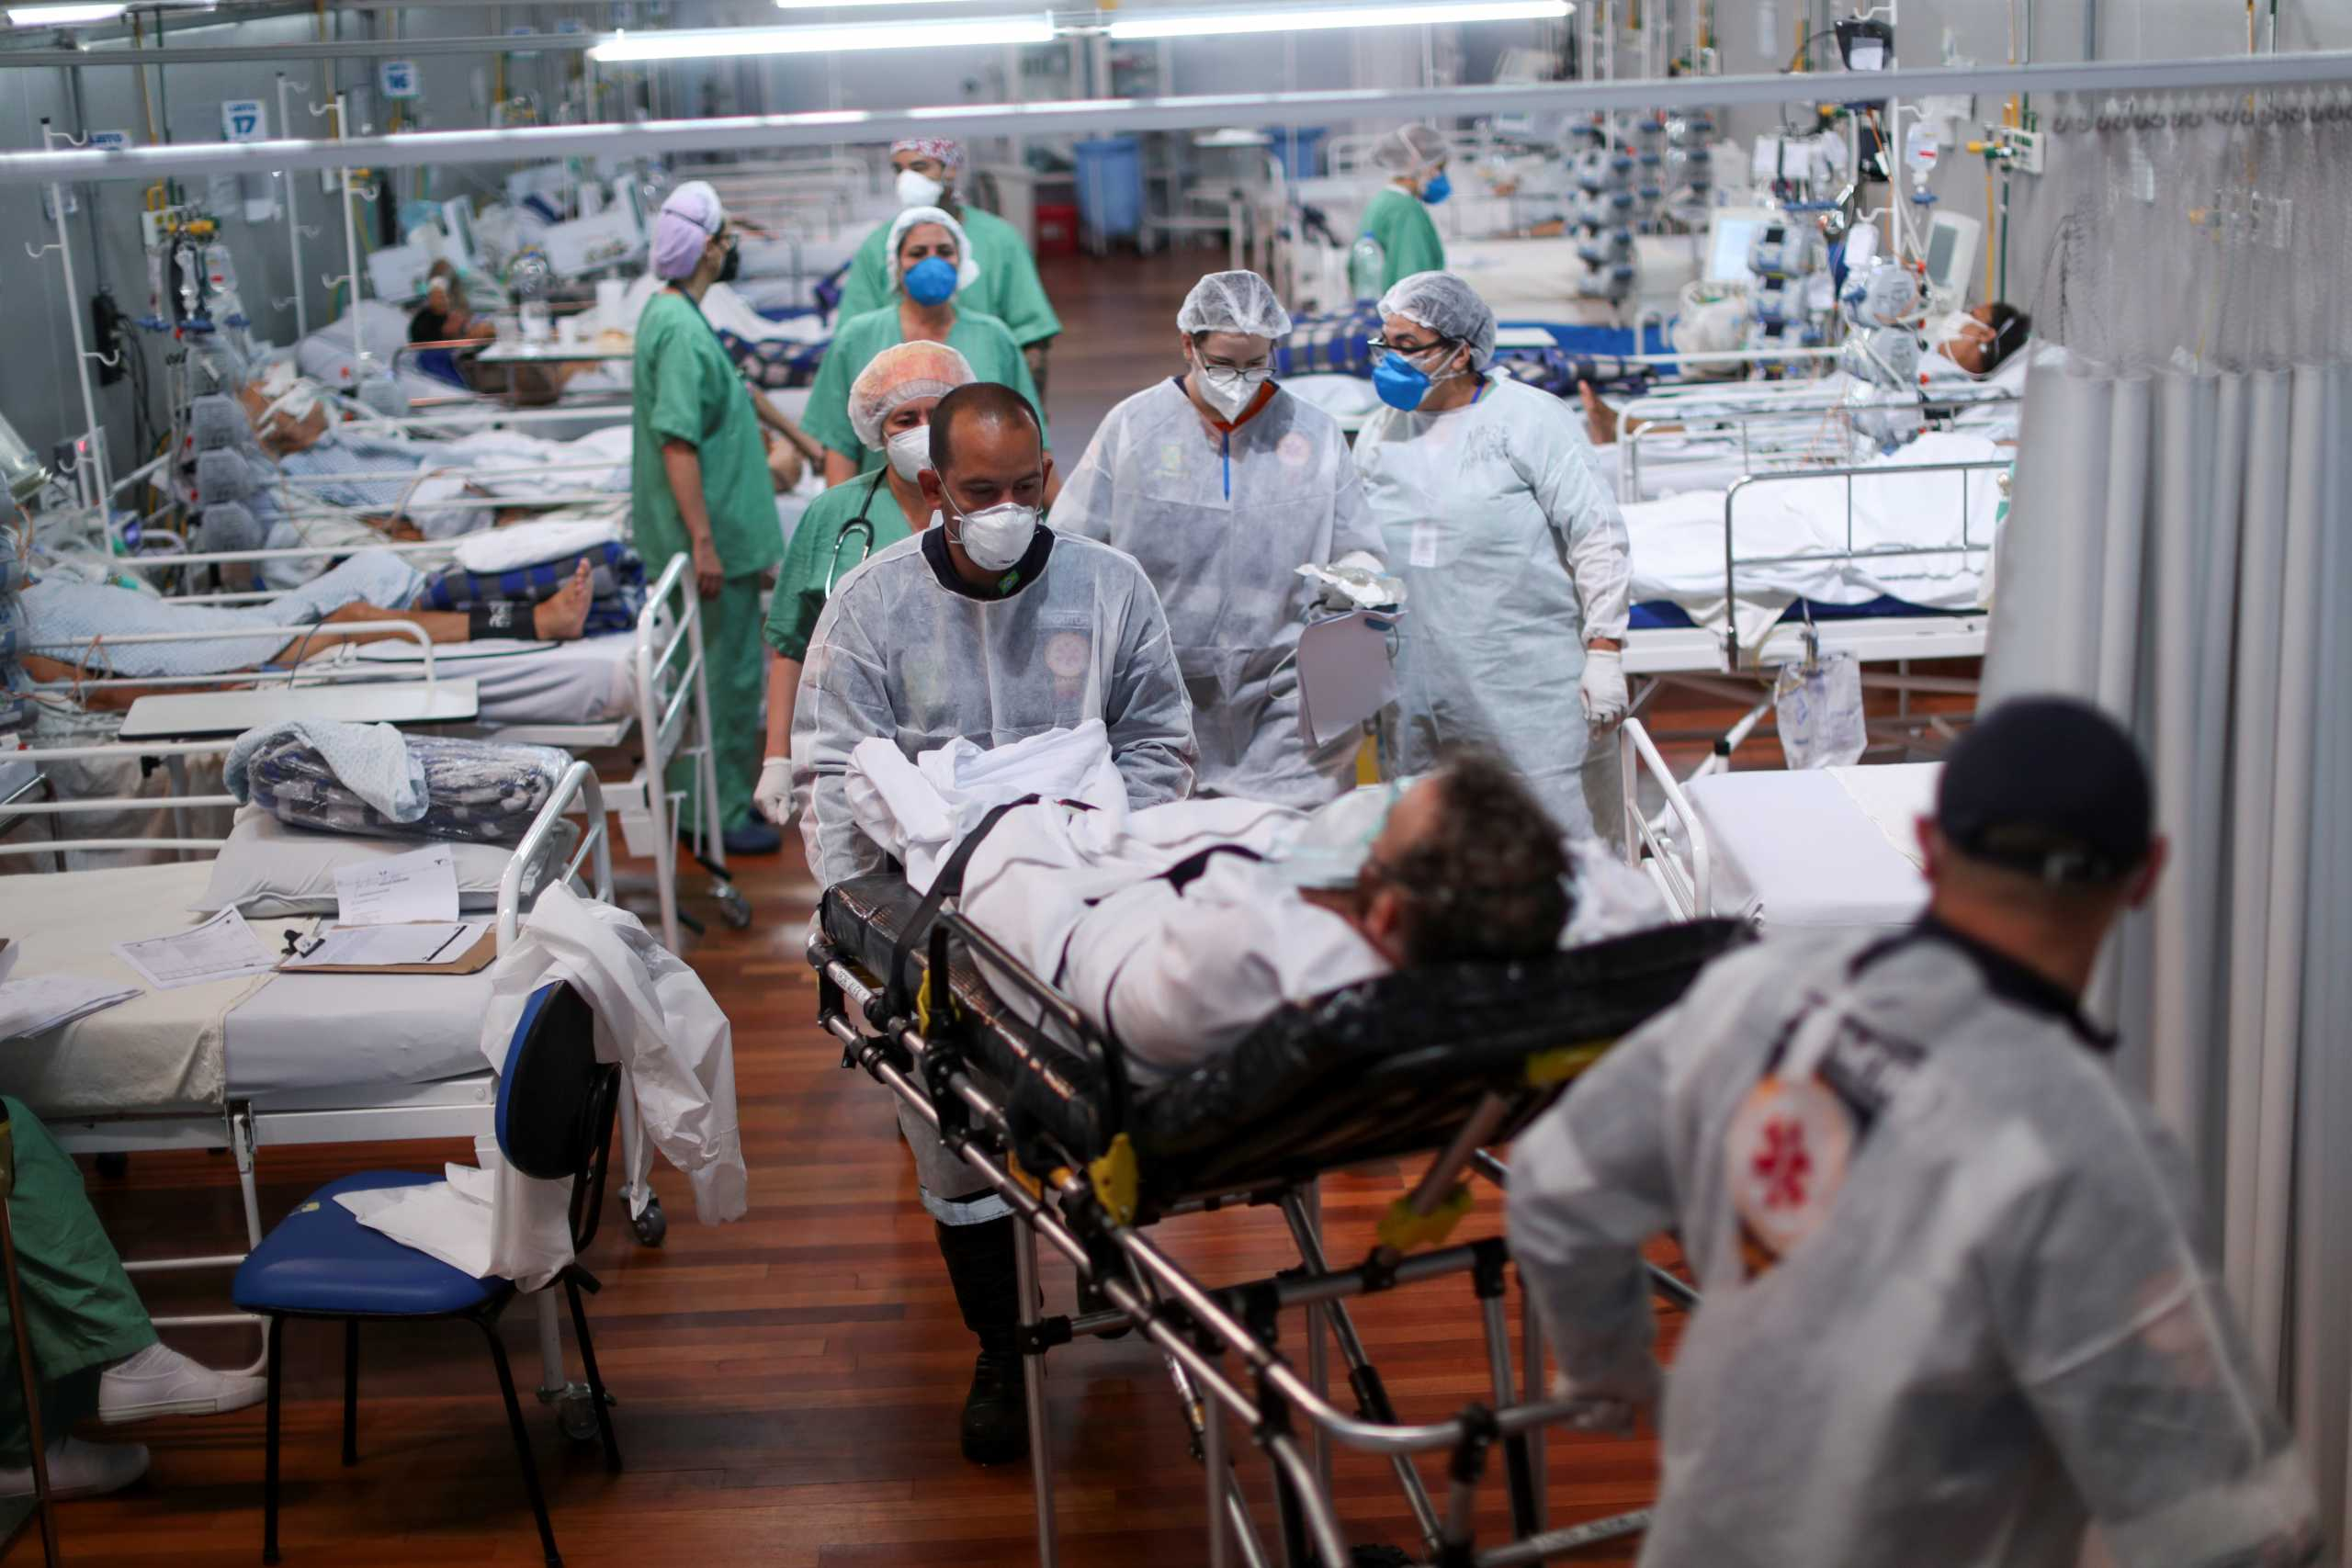 Βραζιλία – κορονοϊός: Αύξηση πάνω από 800% σε θανάτους σε ηλικίες 20-40 ετών